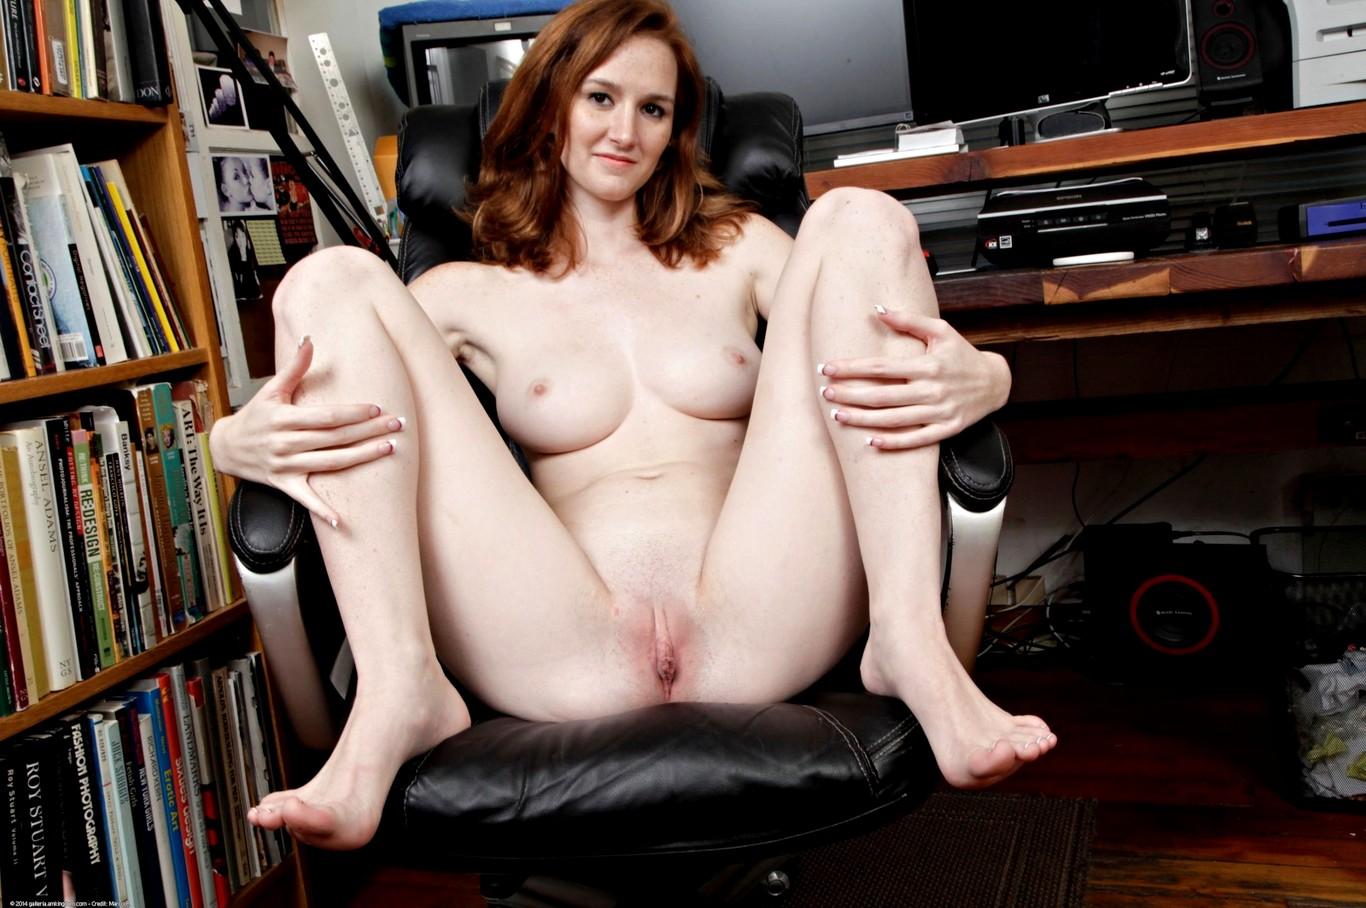 Porn pics deedee, teaseum nude model